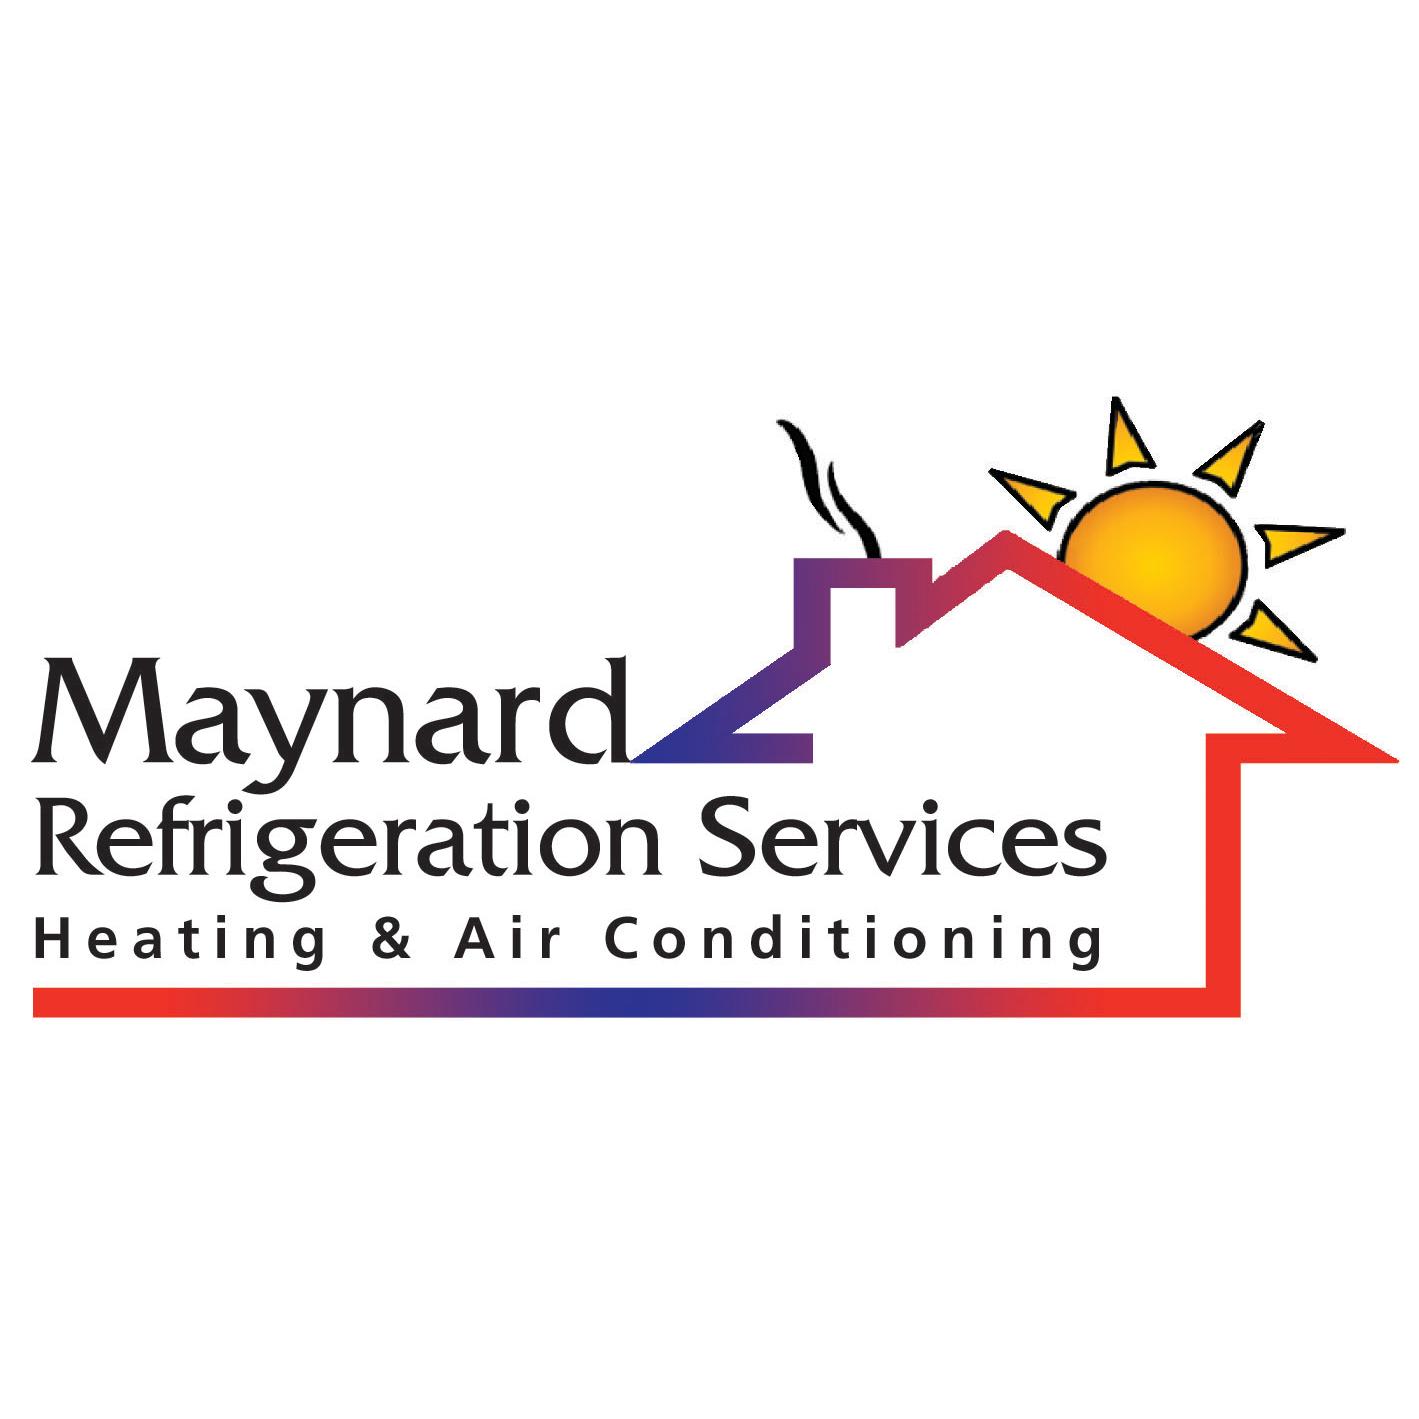 Maynard Refrigeration Service image 10